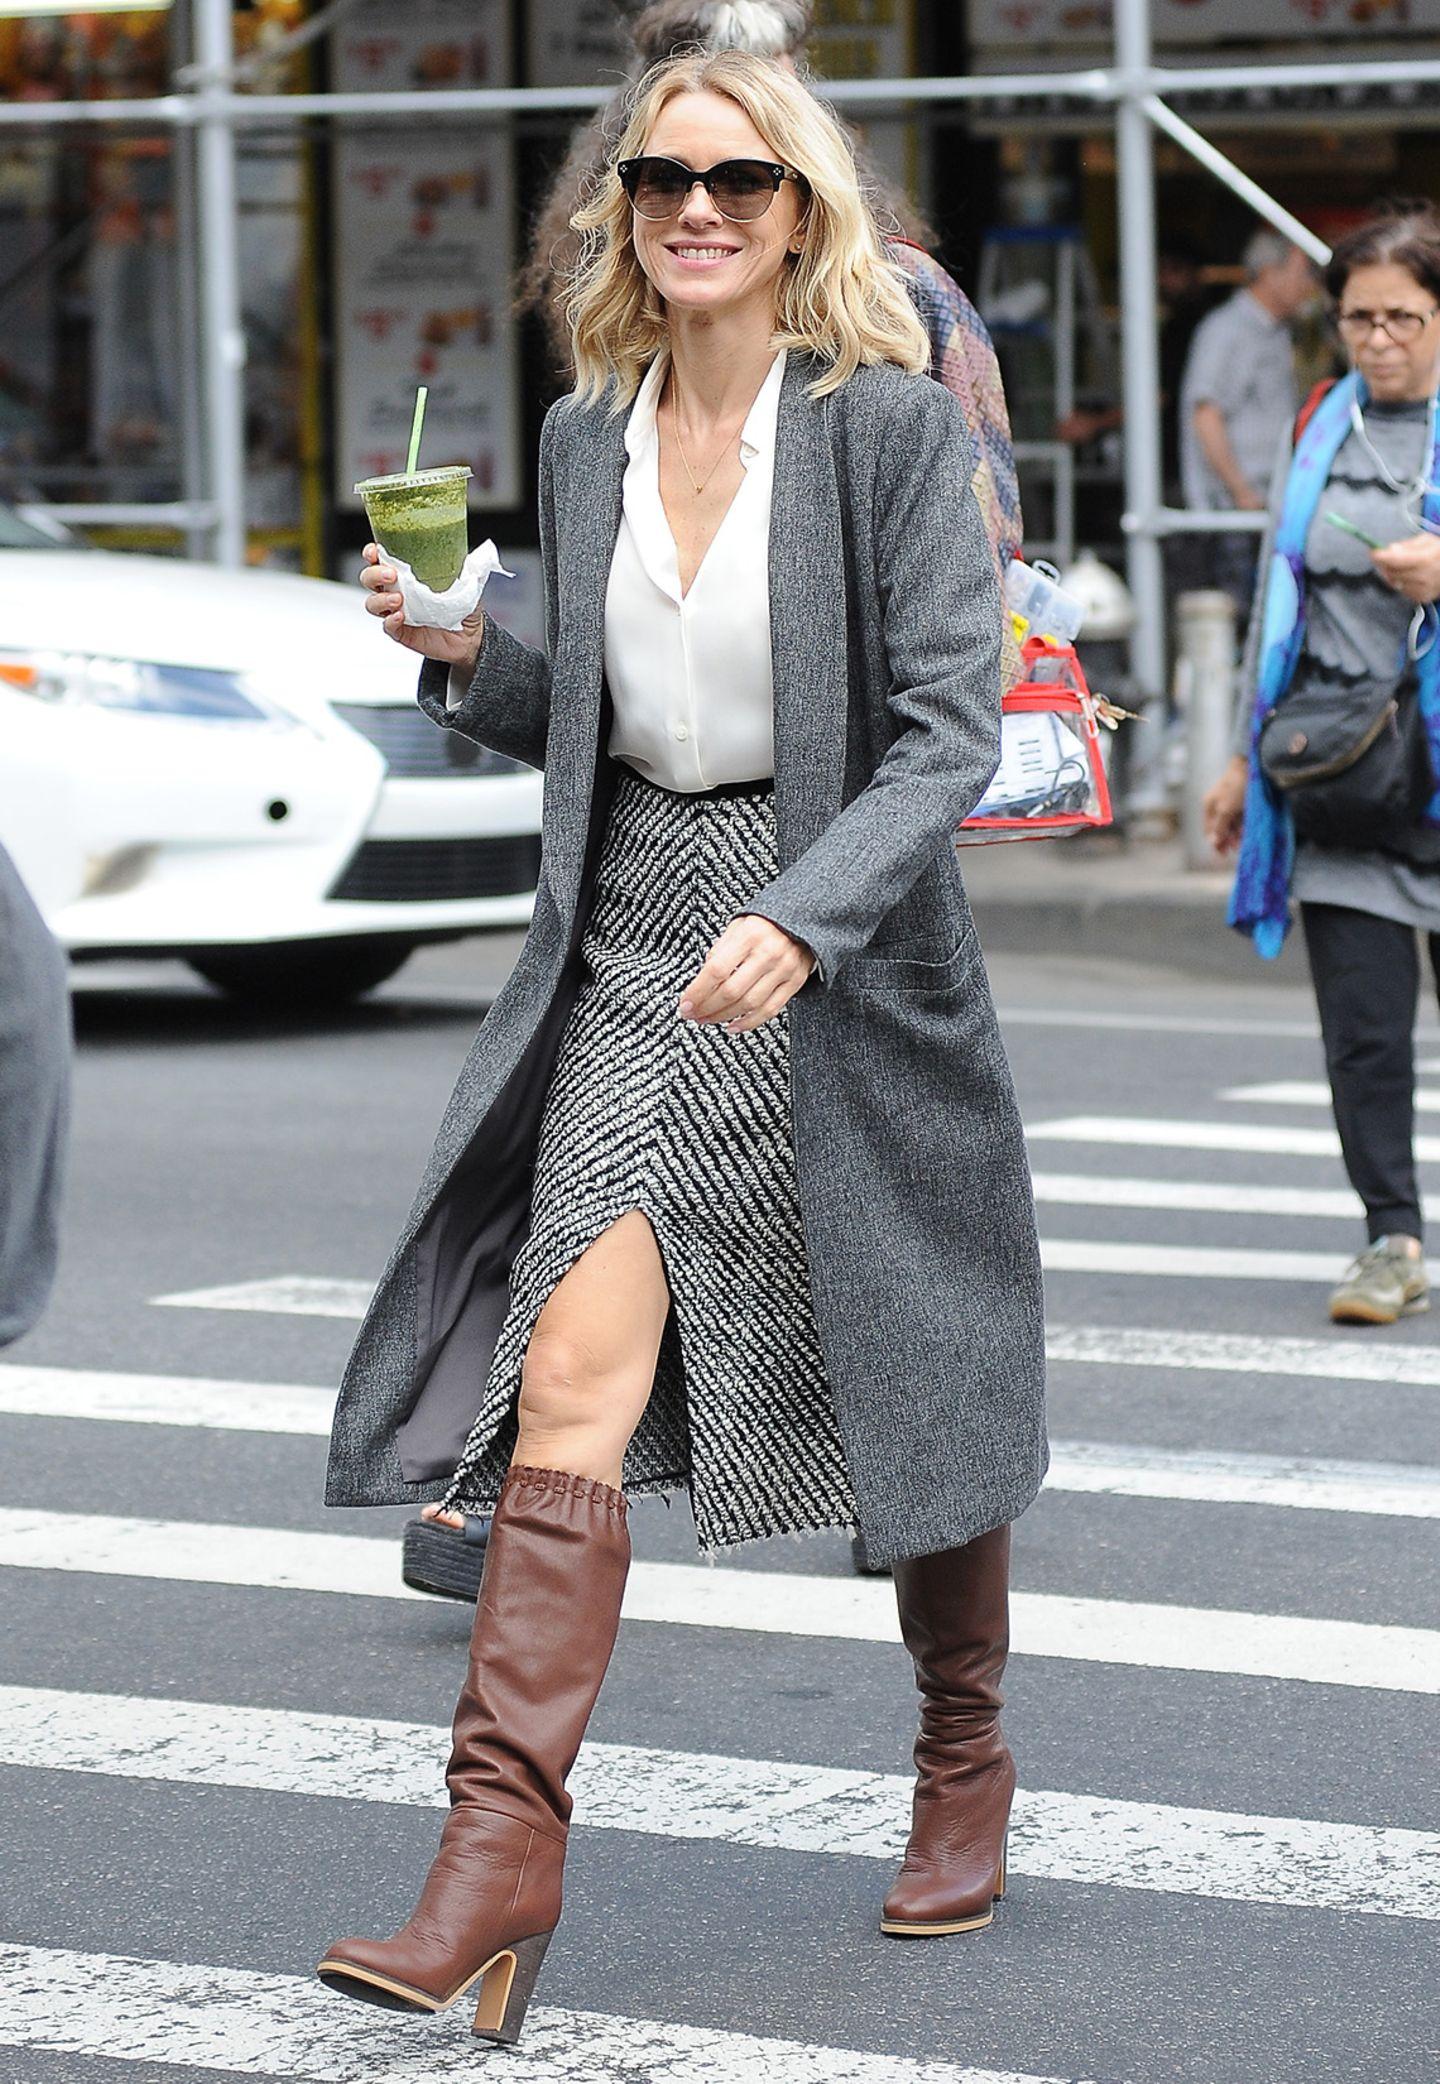 """Sogar an ihrem Geburtstag arbeitet Naomi Watts am Set von """"Gypsy"""", und sieht dabei im Rollenoutfit mit grauem Tweed-Rock und Retro-Boots ziemlich stylisch aus."""